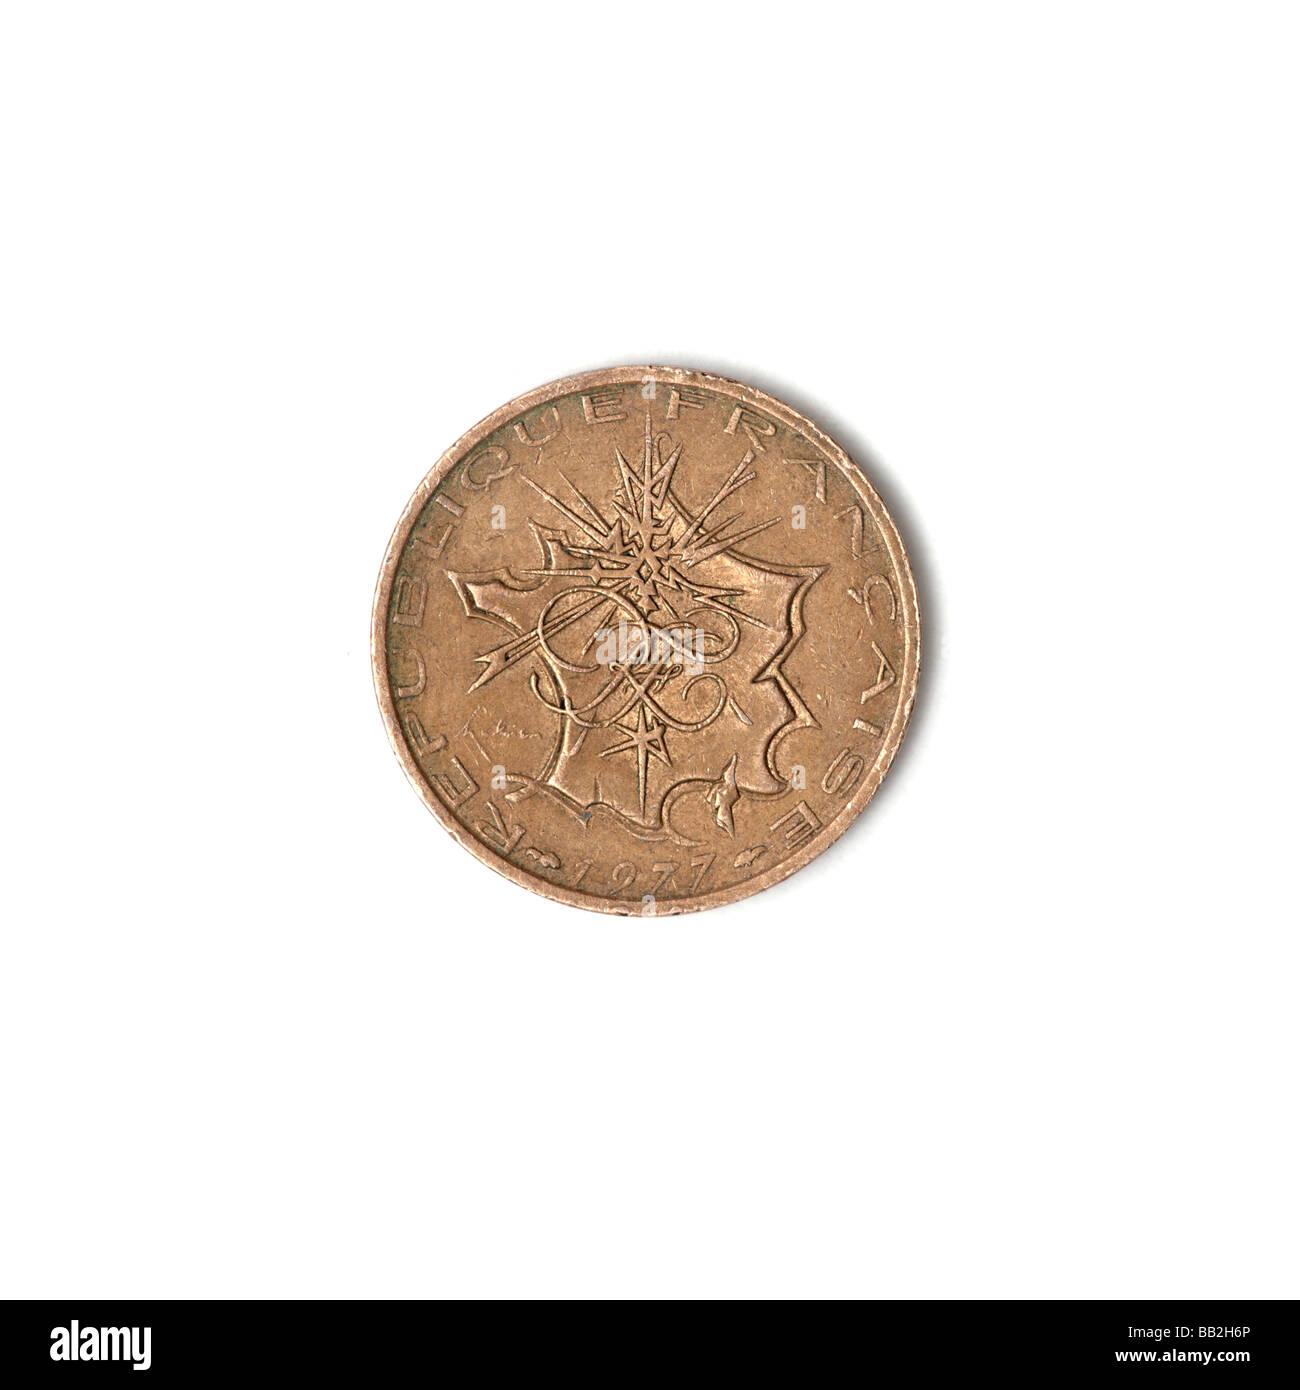 Französische Alte 10 Franken Münze Stockfoto Bild 24029006 Alamy